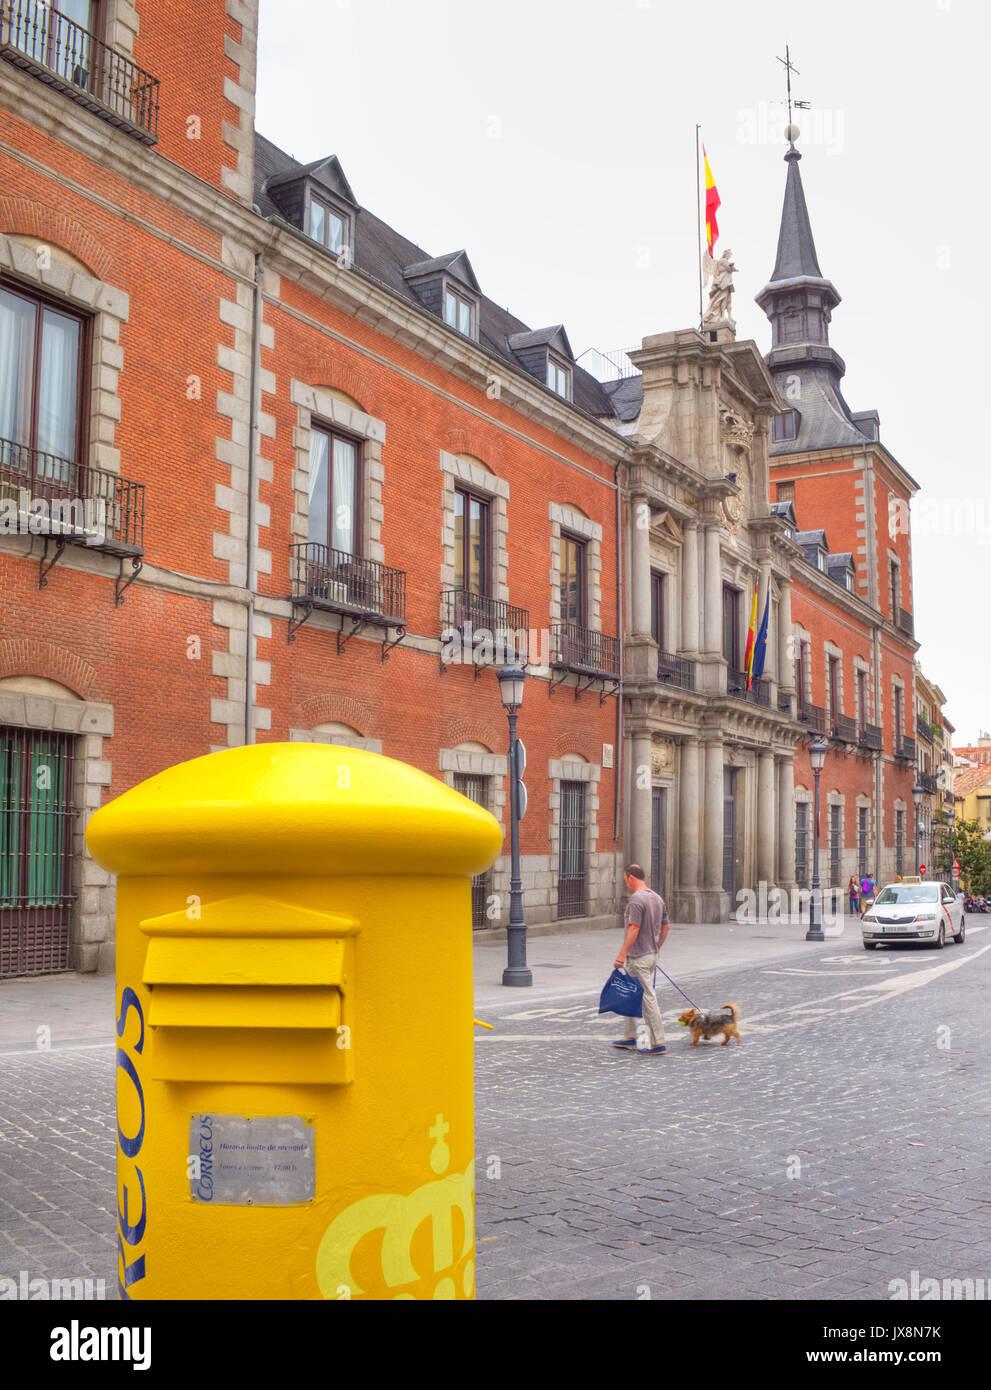 Ministerio De Asuntos Exteriores Madrid Espana Foto Imagen De